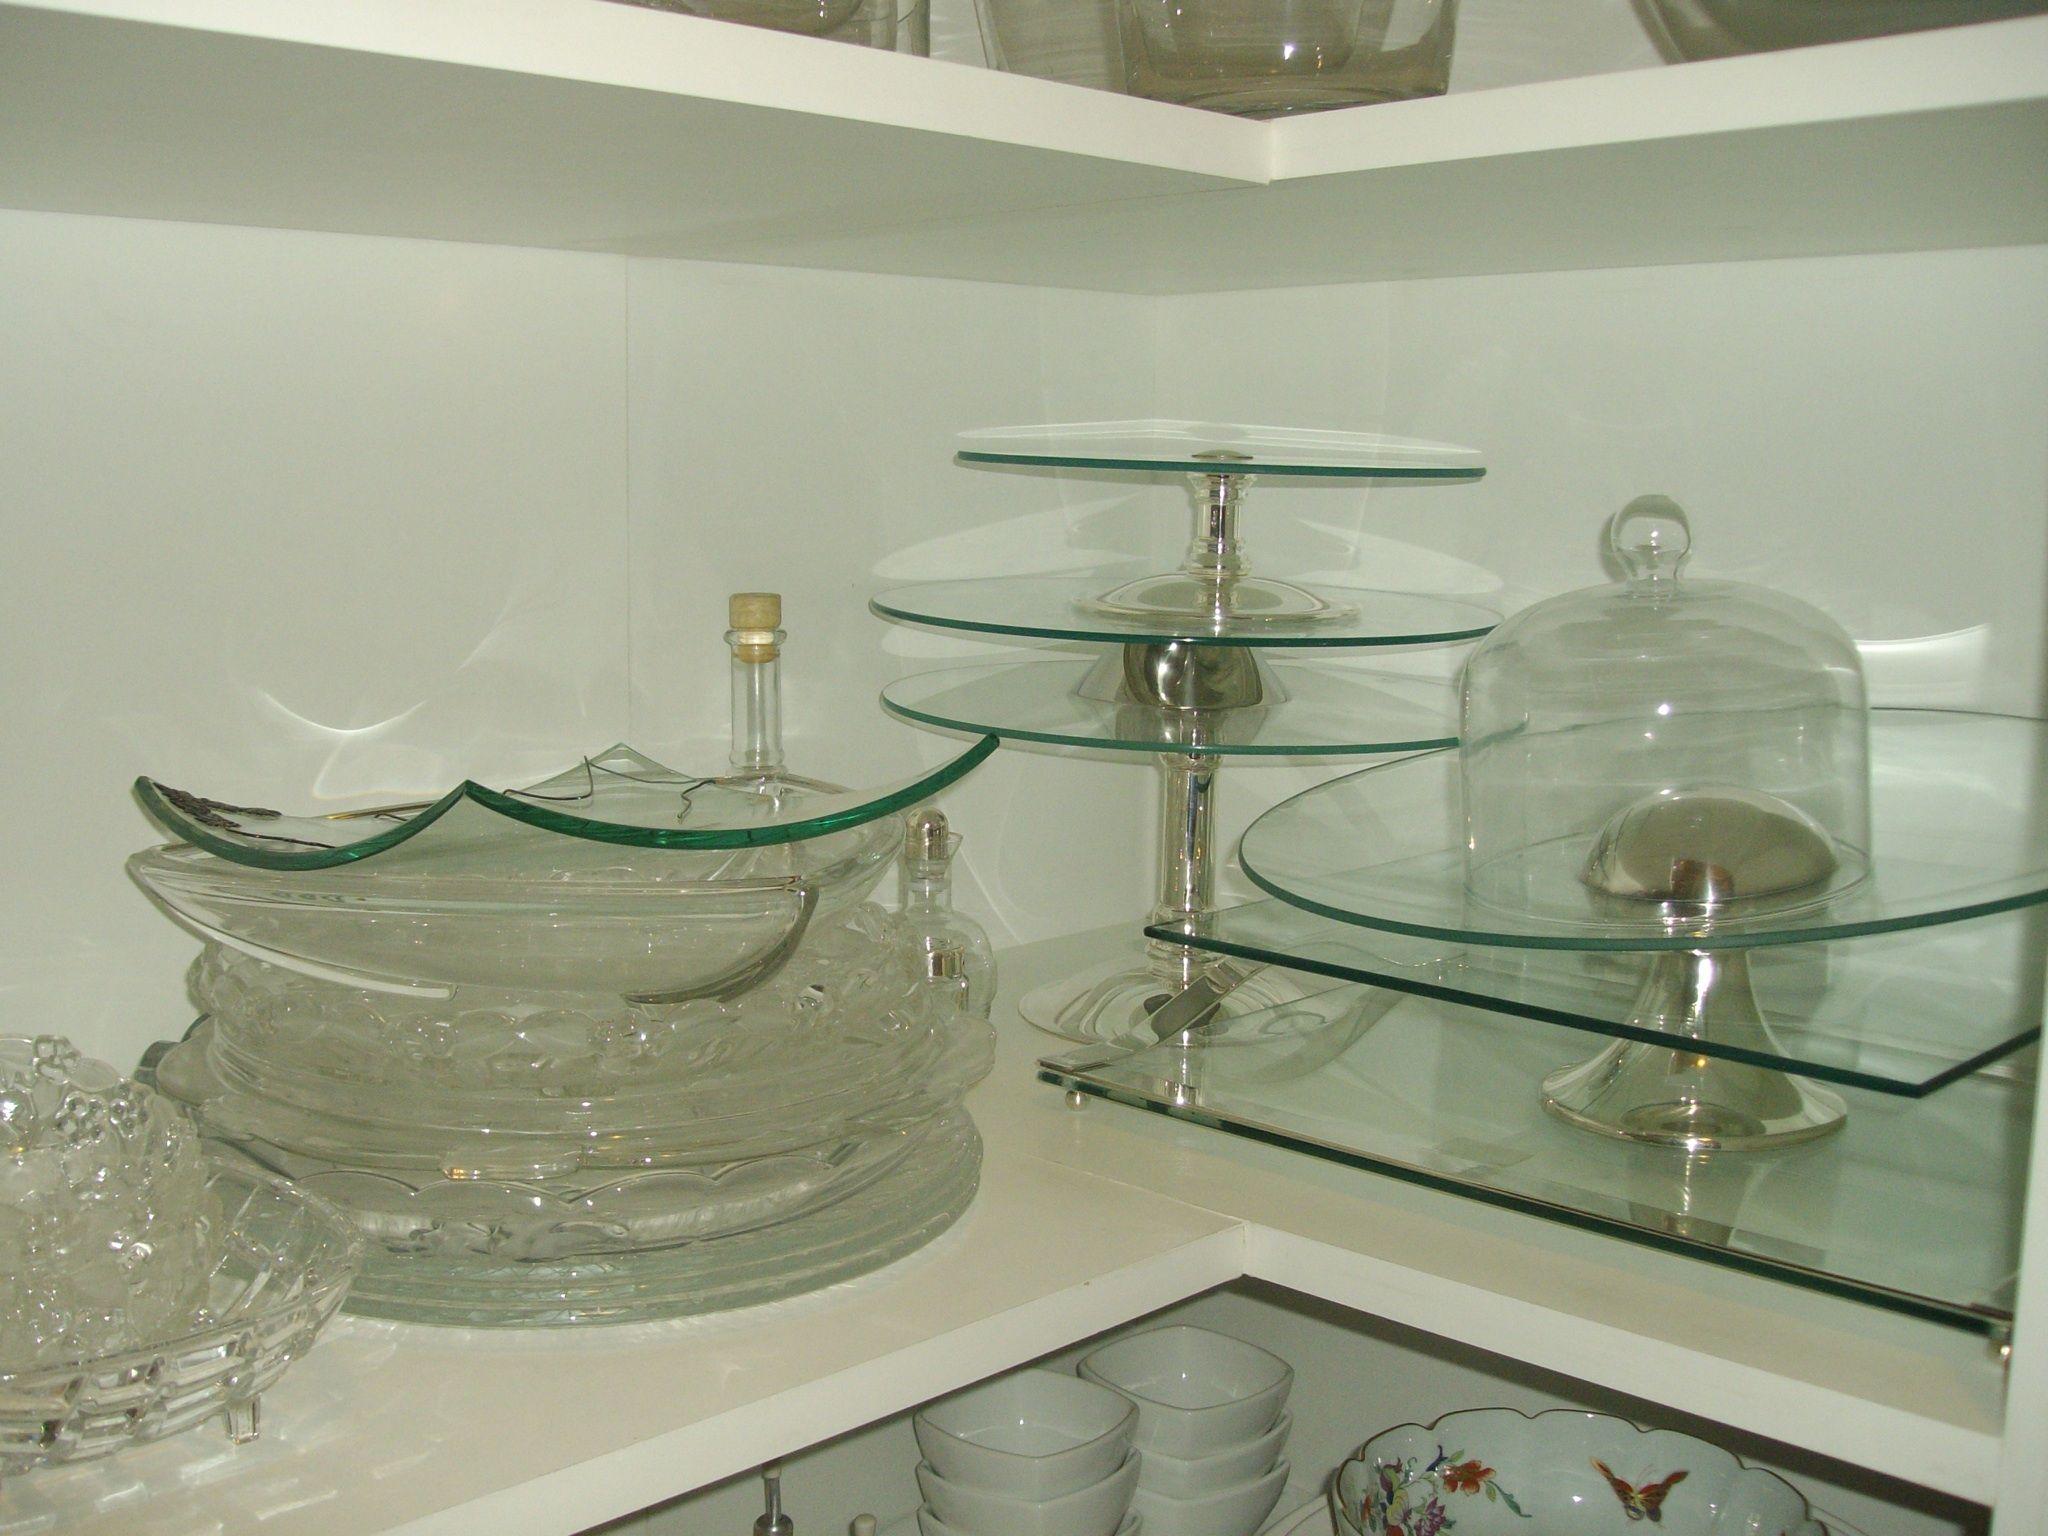 Organização de pratos para bolos, tábuas em vidro e travessas redondas